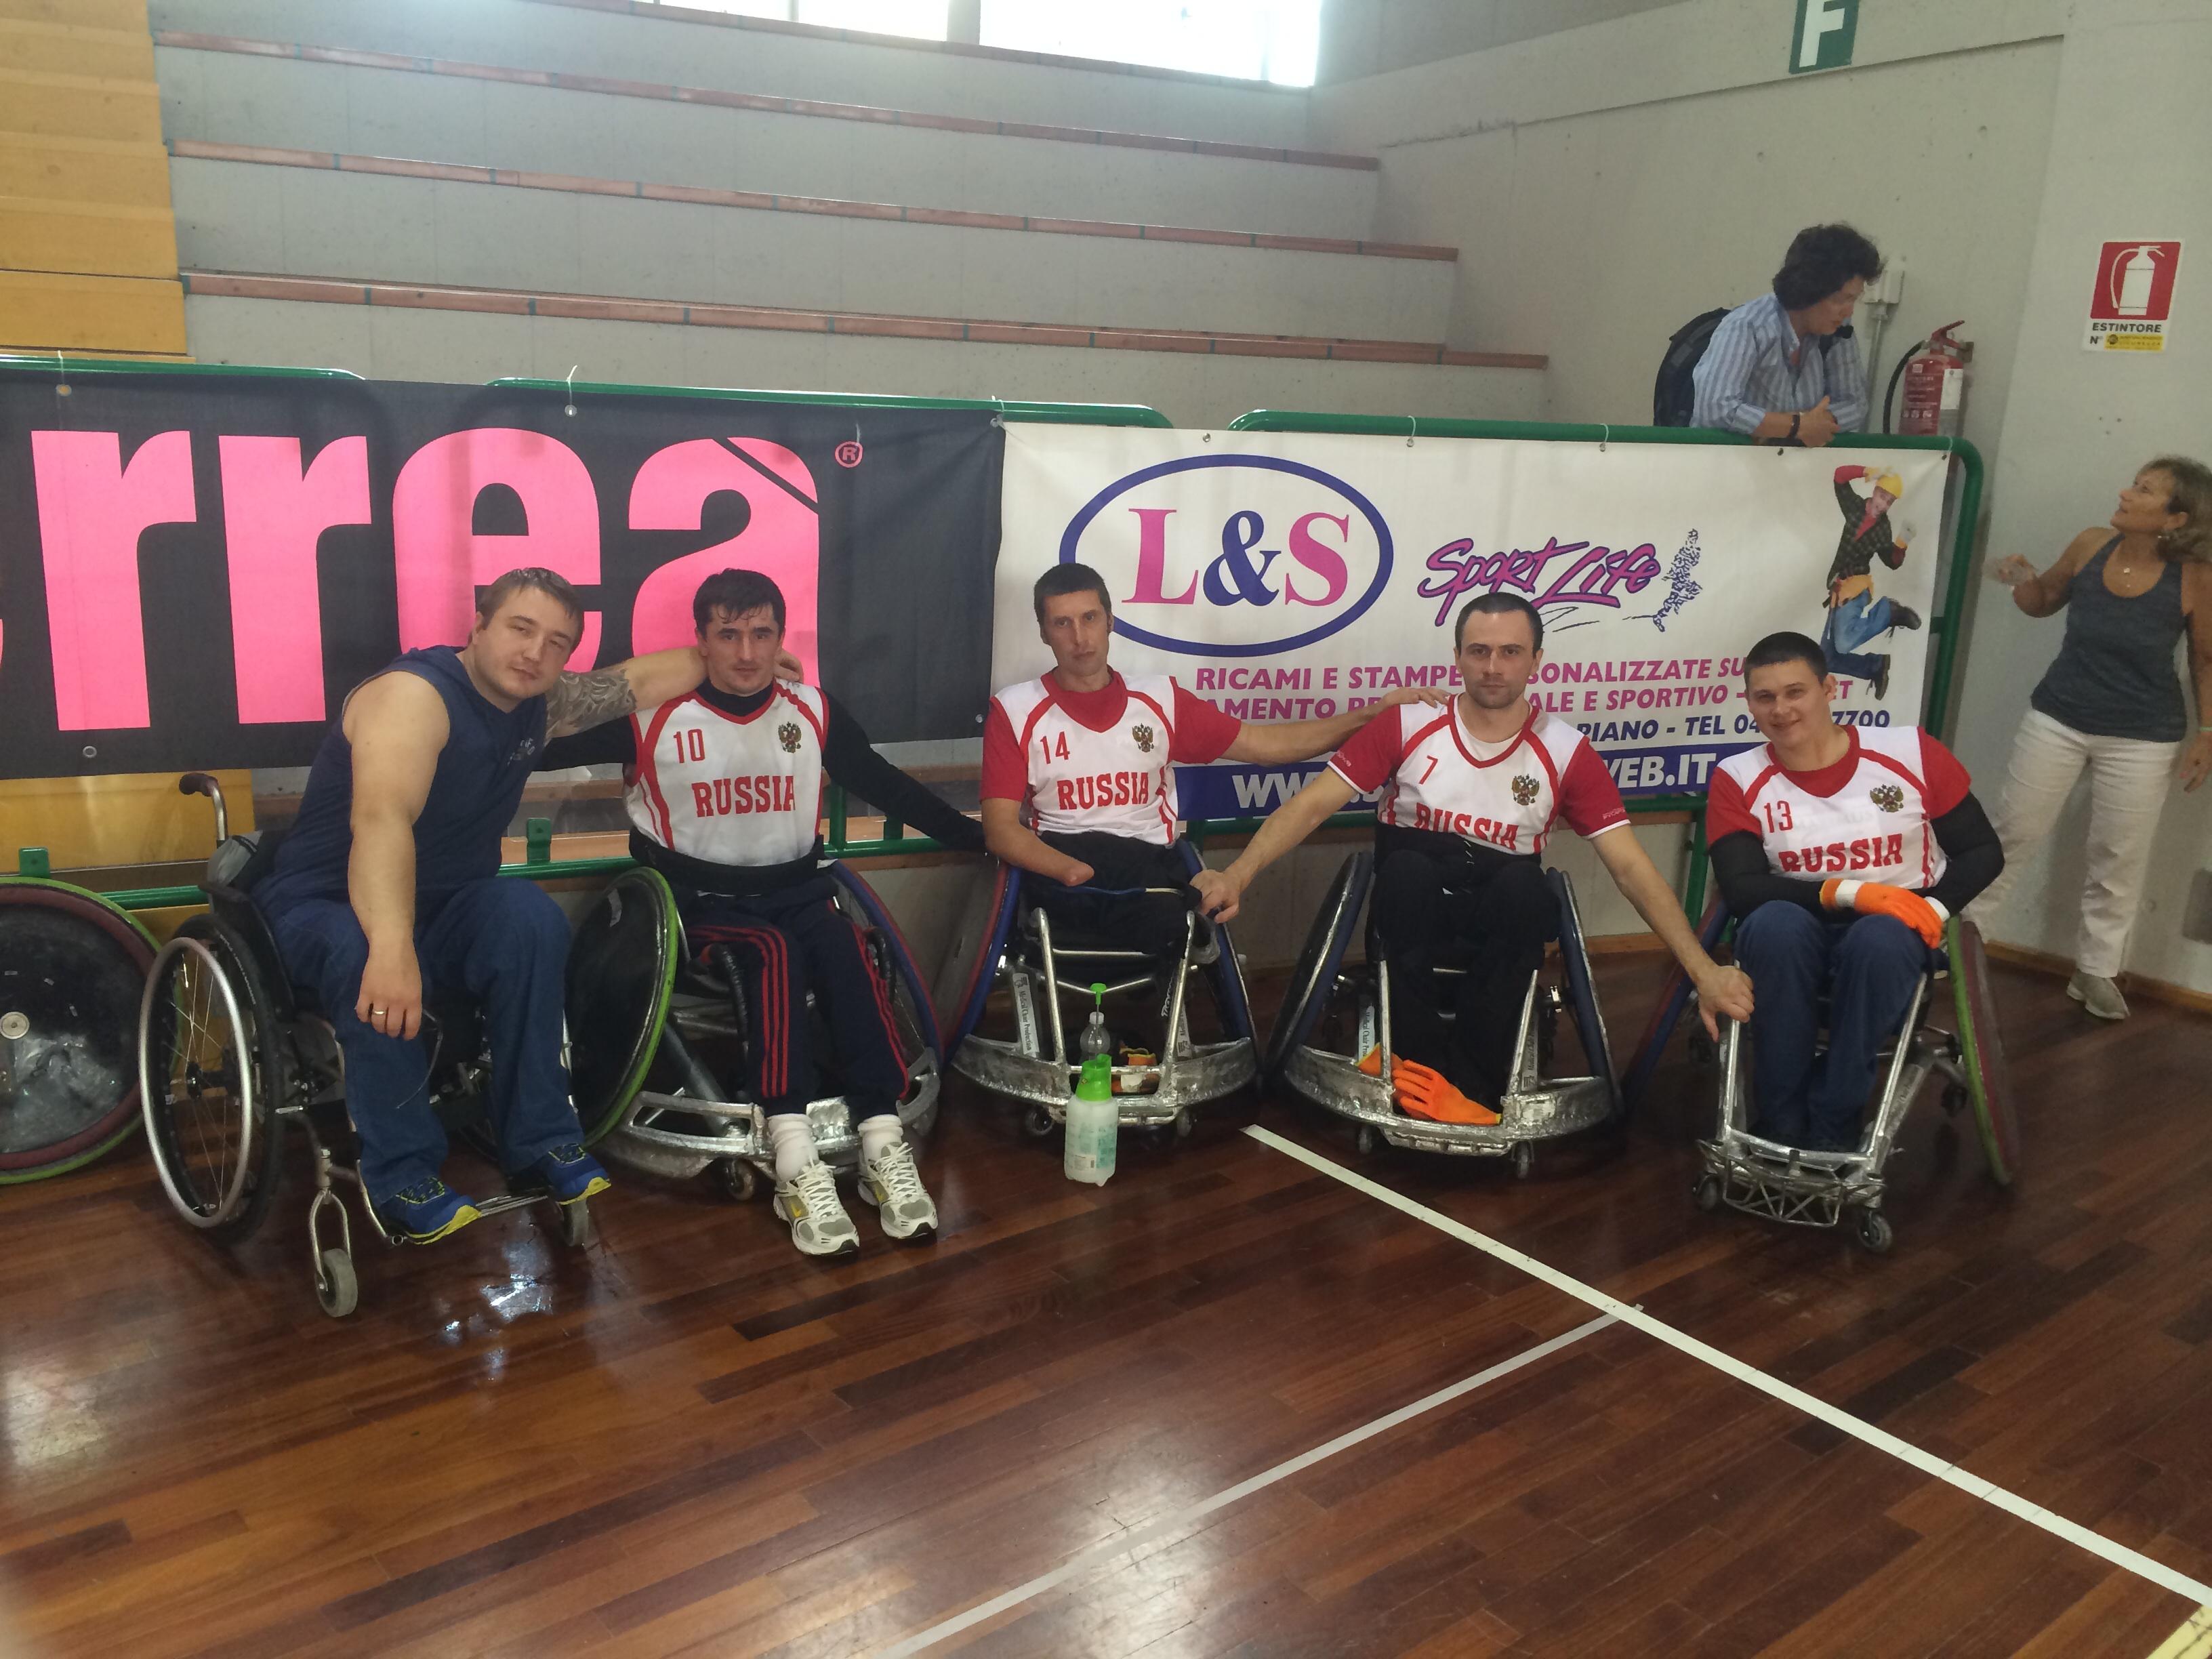 Сборная команда России по регби на колясках заняла 3 место на международных соревнованиях в Италии